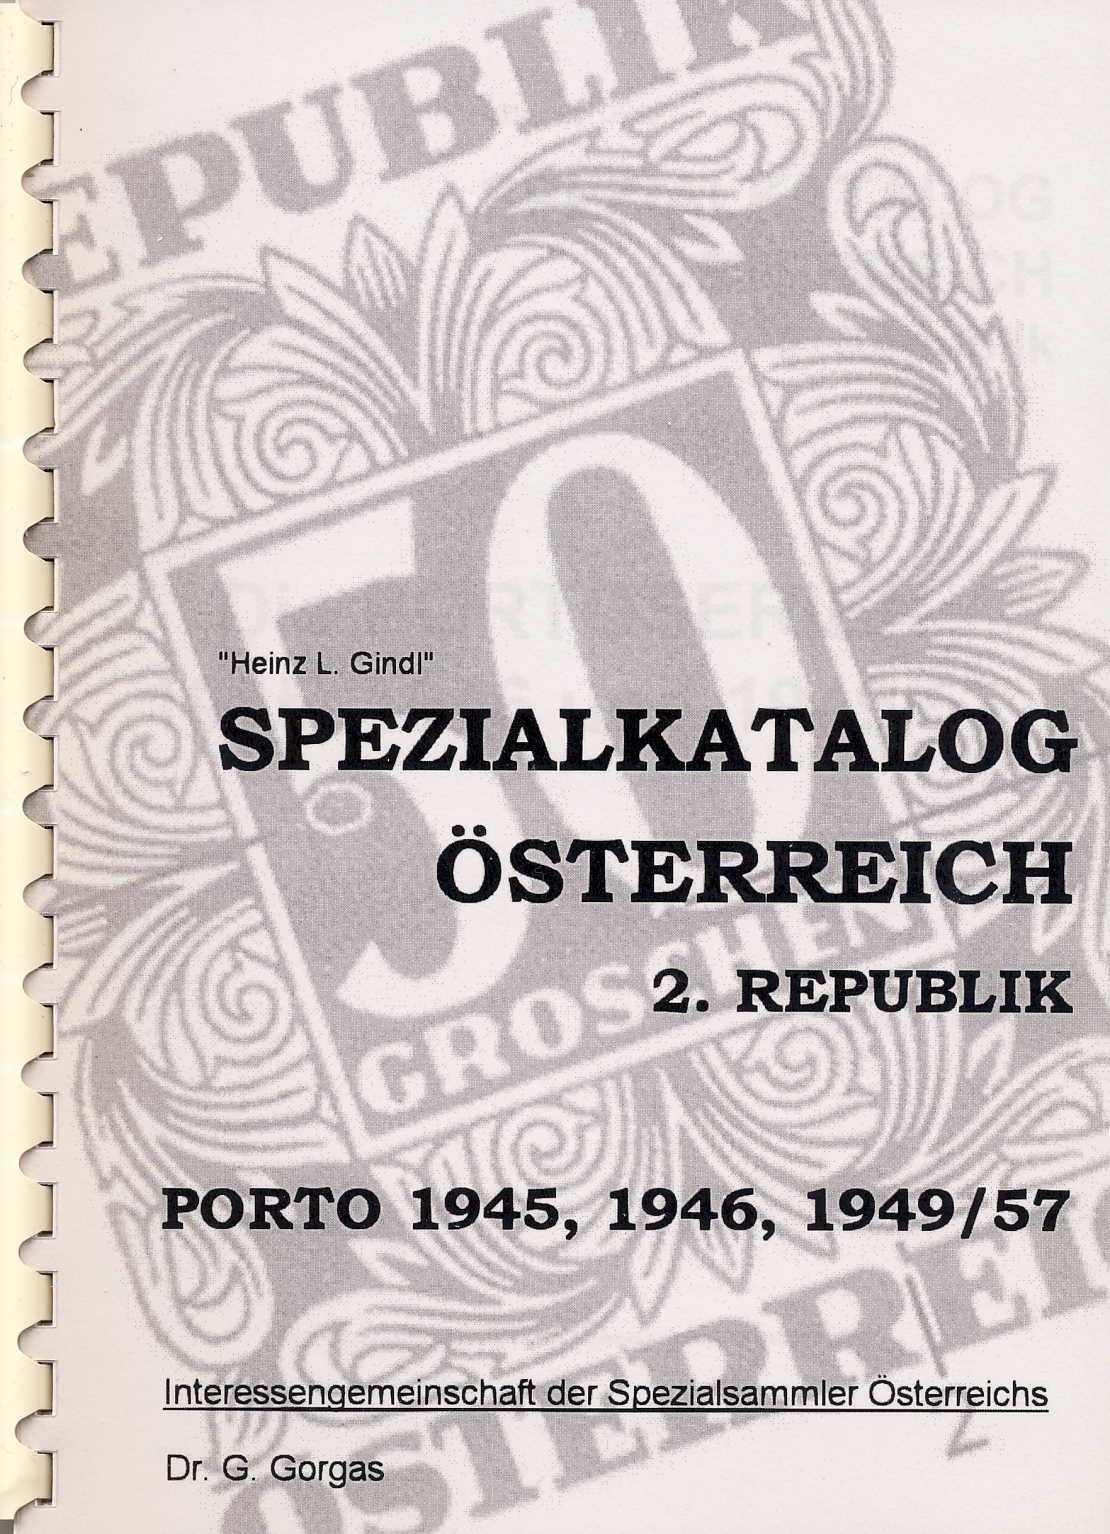 ÖSTERREICH GINDL-Plattenfehler-Katalog Porto 1947/49